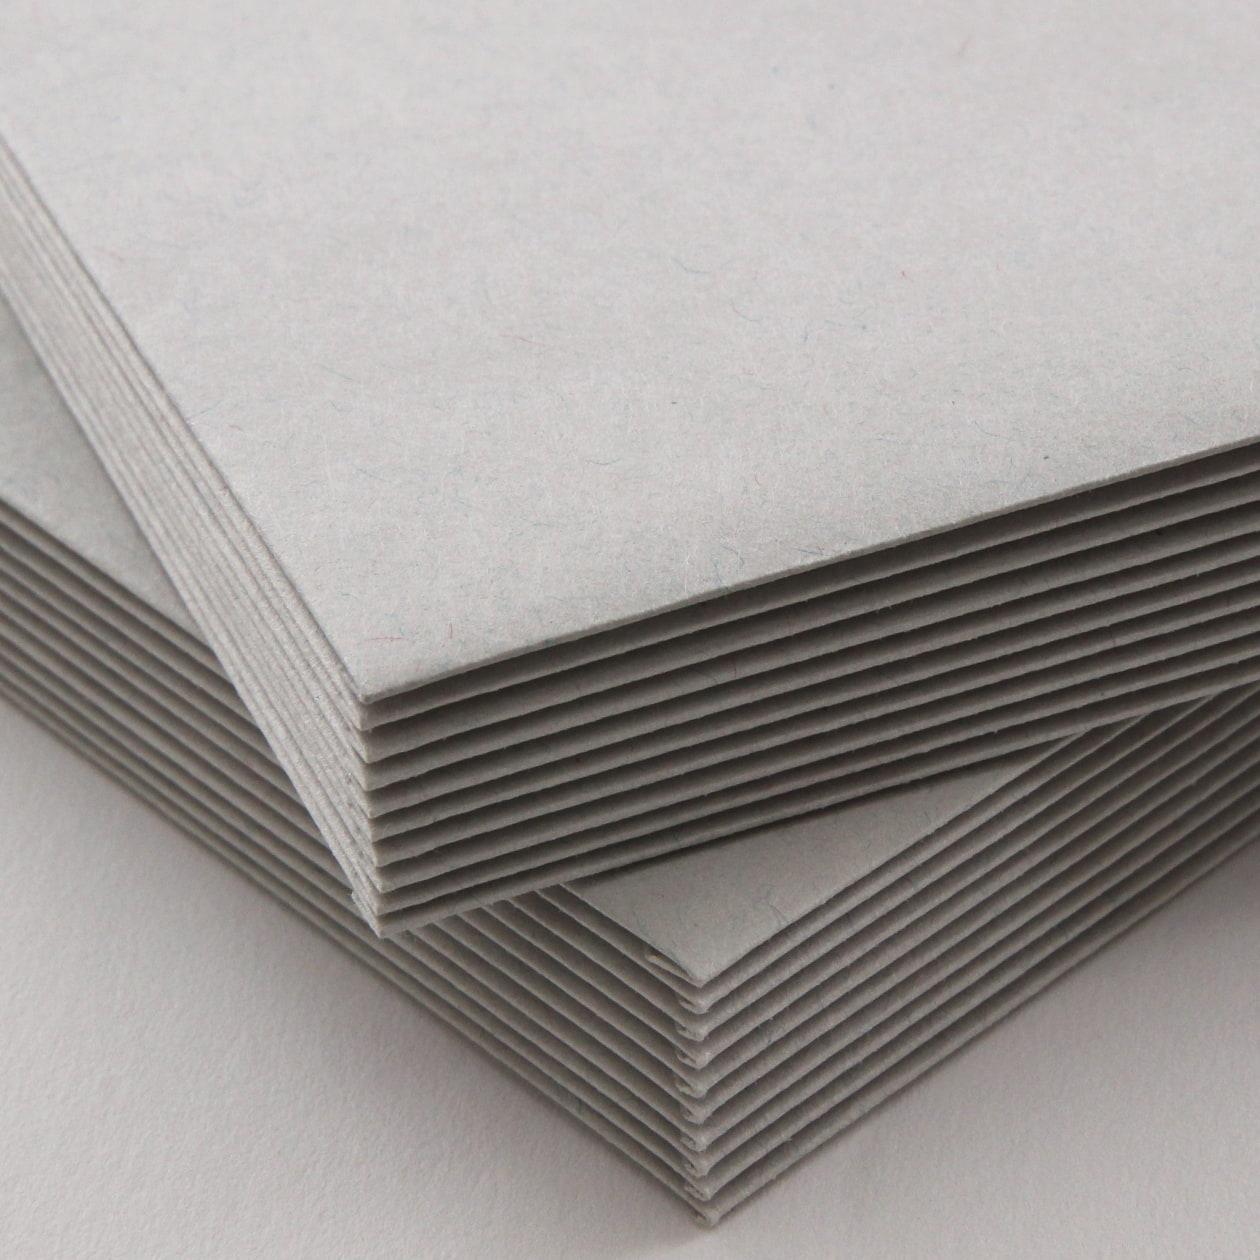 角3封筒 HAGURUMA Basic ライナーグレイ 100g